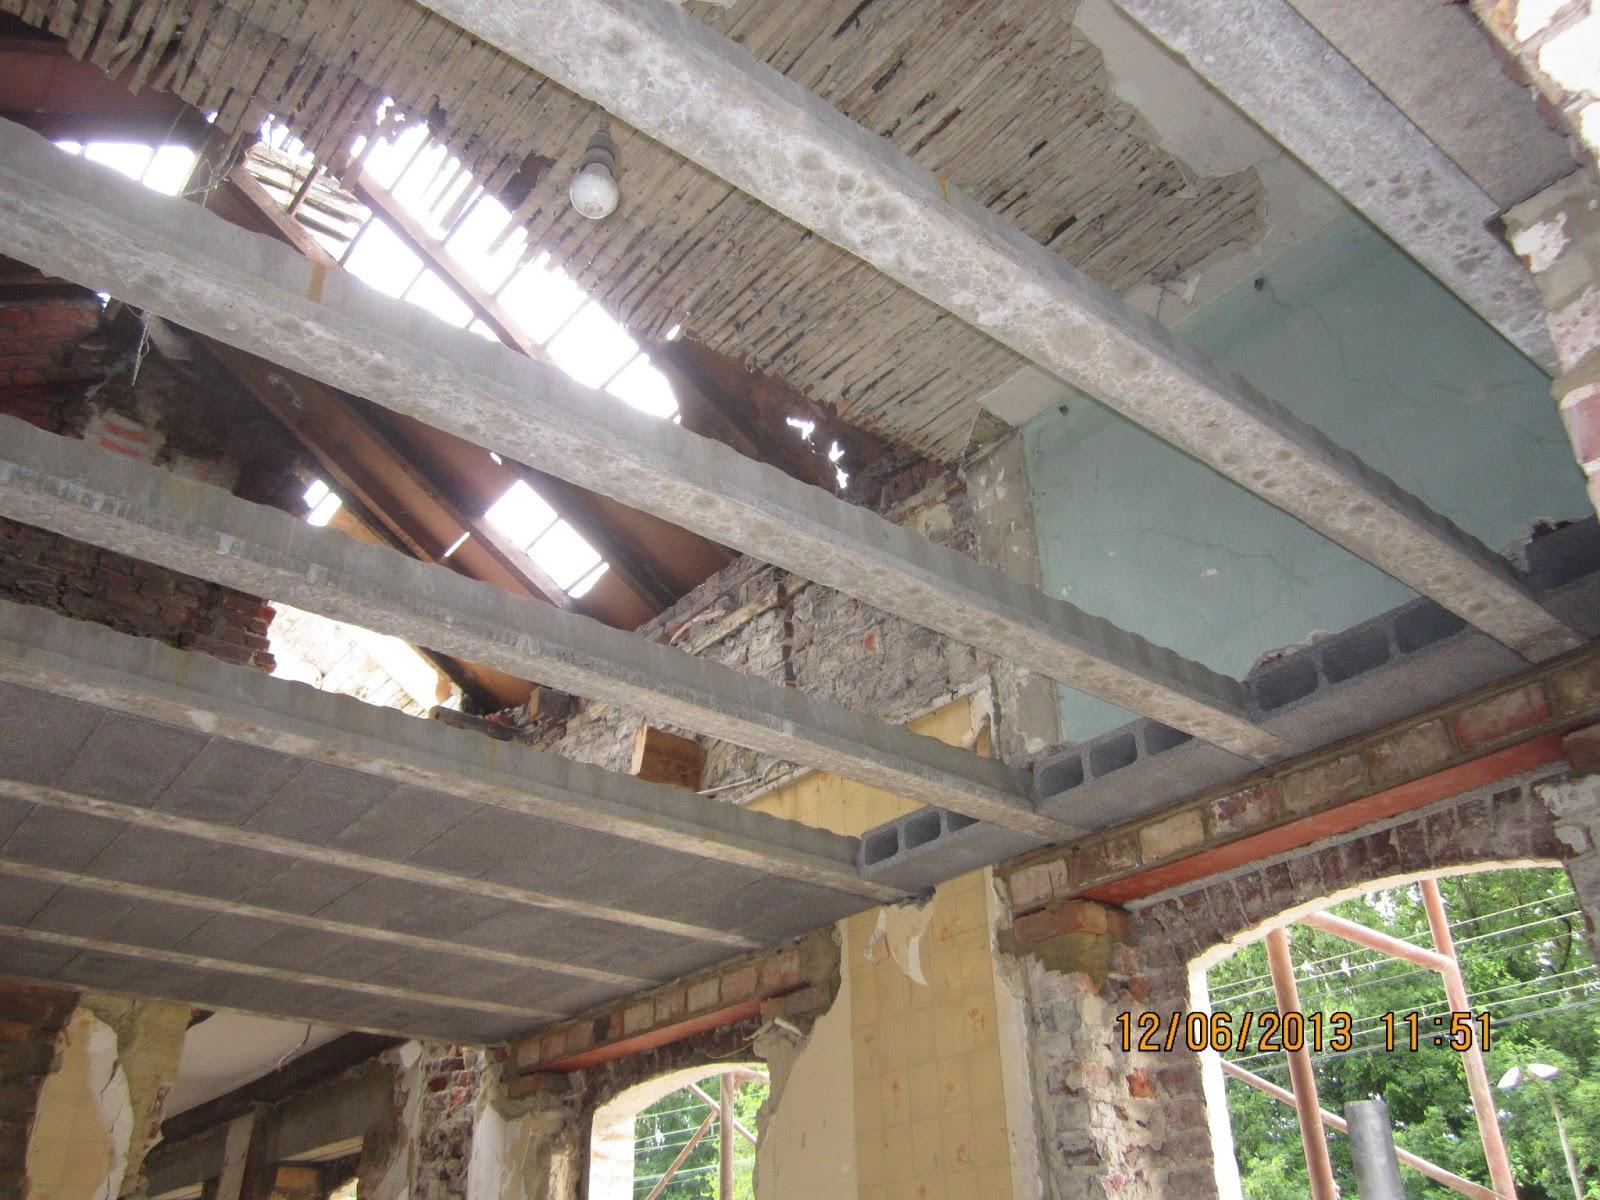 R novation de l 39 ancienne gare de gastuche - Plancher leger pour renovation ...